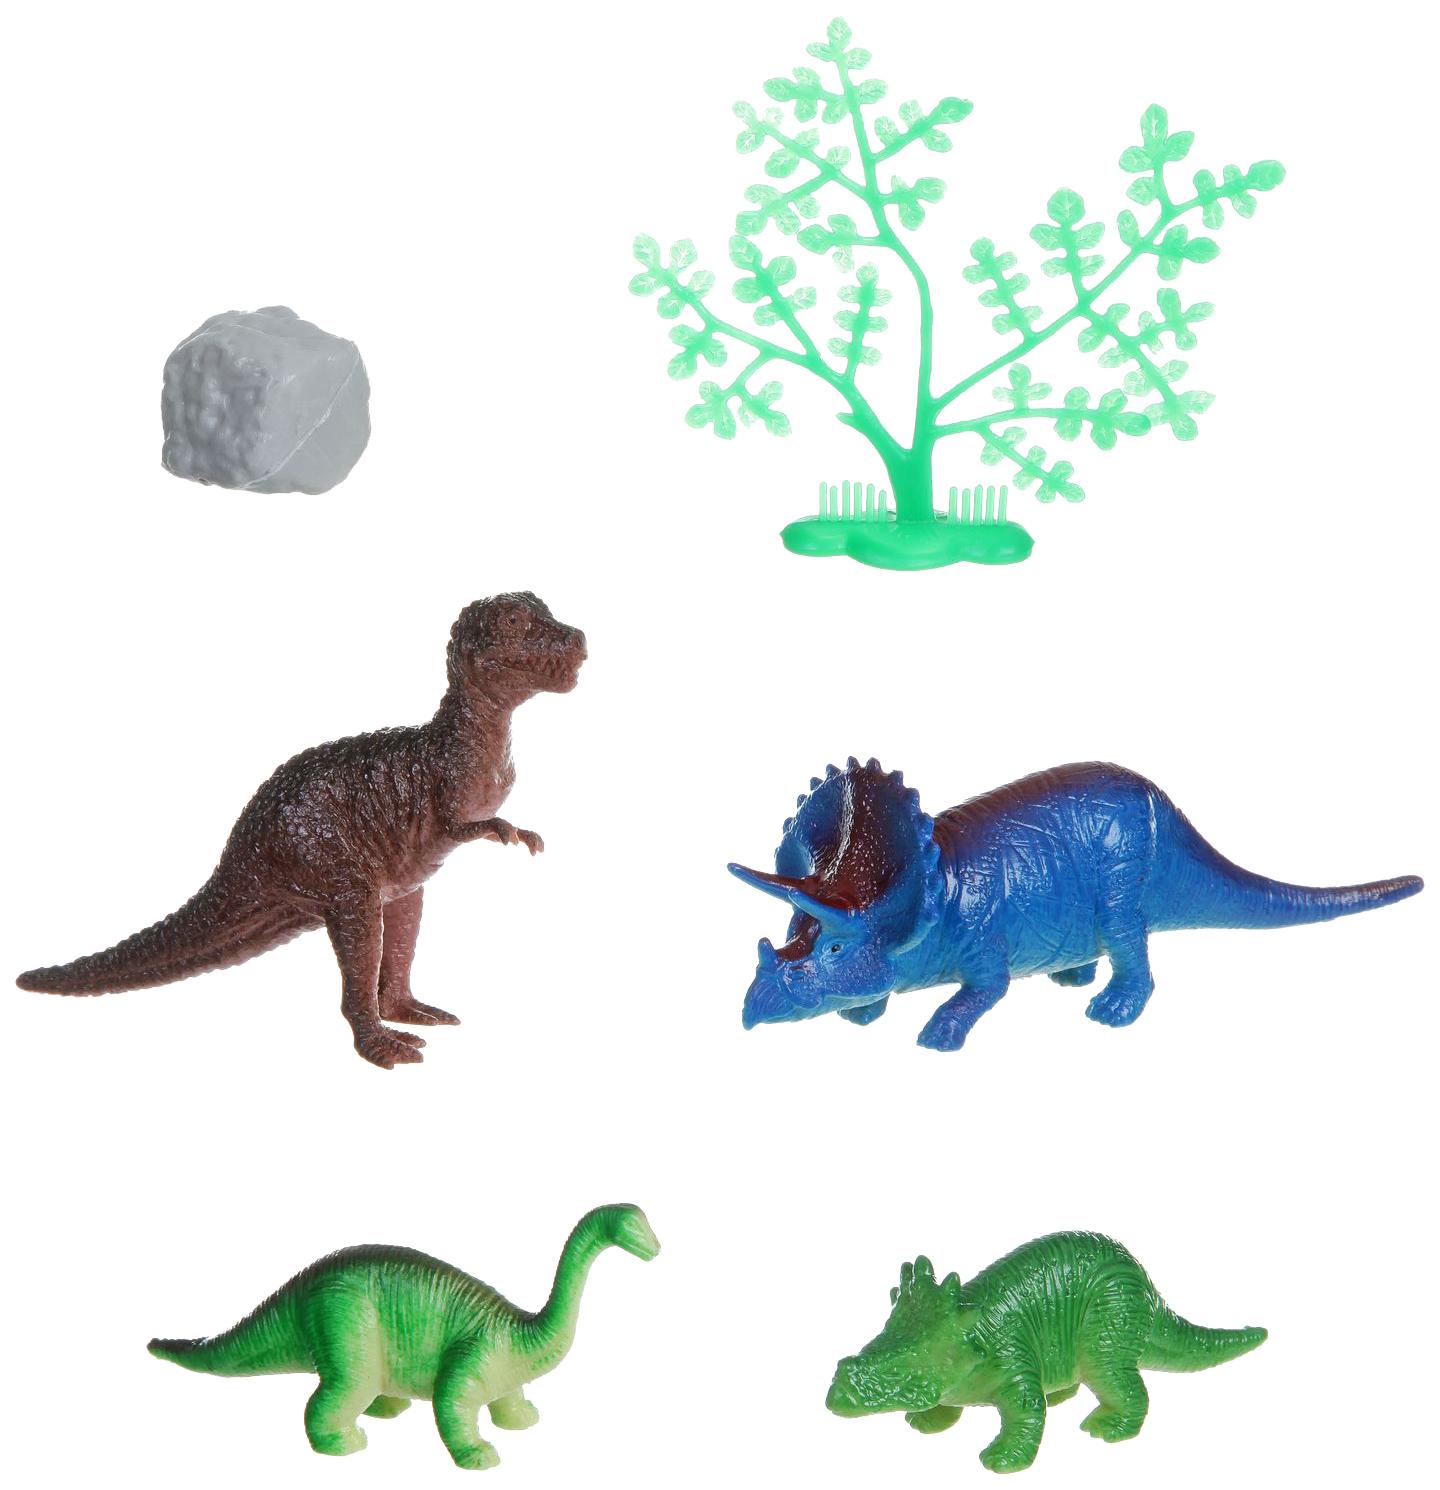 Купить Набор фигурок животных Bondibon ребятам о зверятах Динозавры 4шт. камень деревце ВВ1619, Фигурки животных